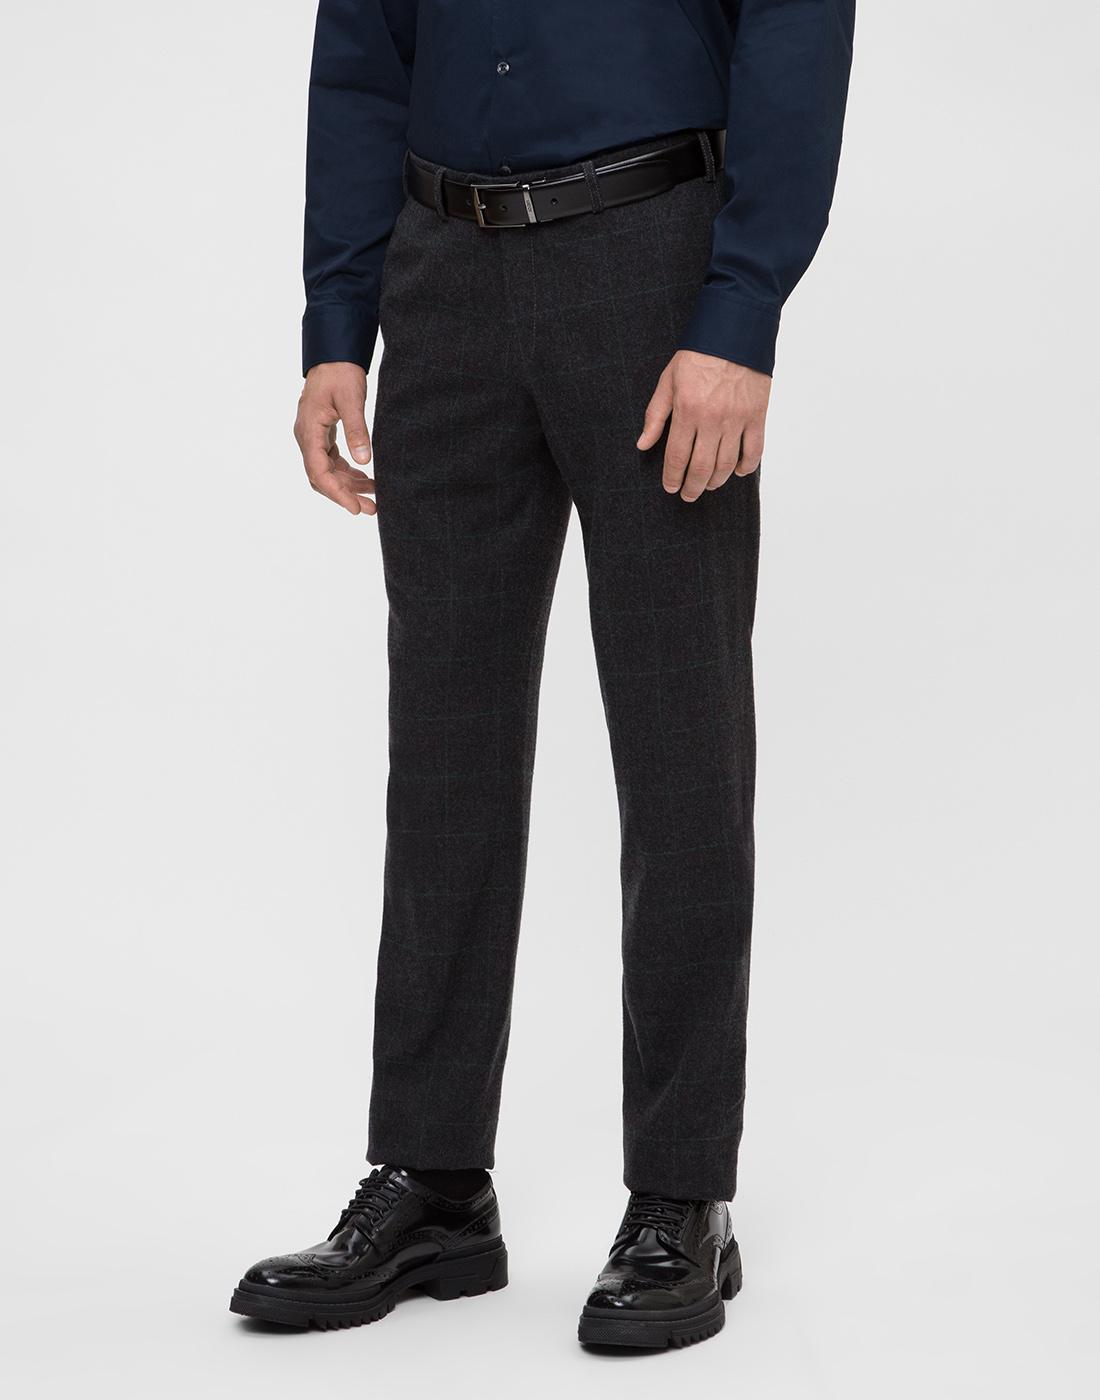 Мужские темно-серые шерстяные брюки в клетку Hiltl  S12331 11 58300-3